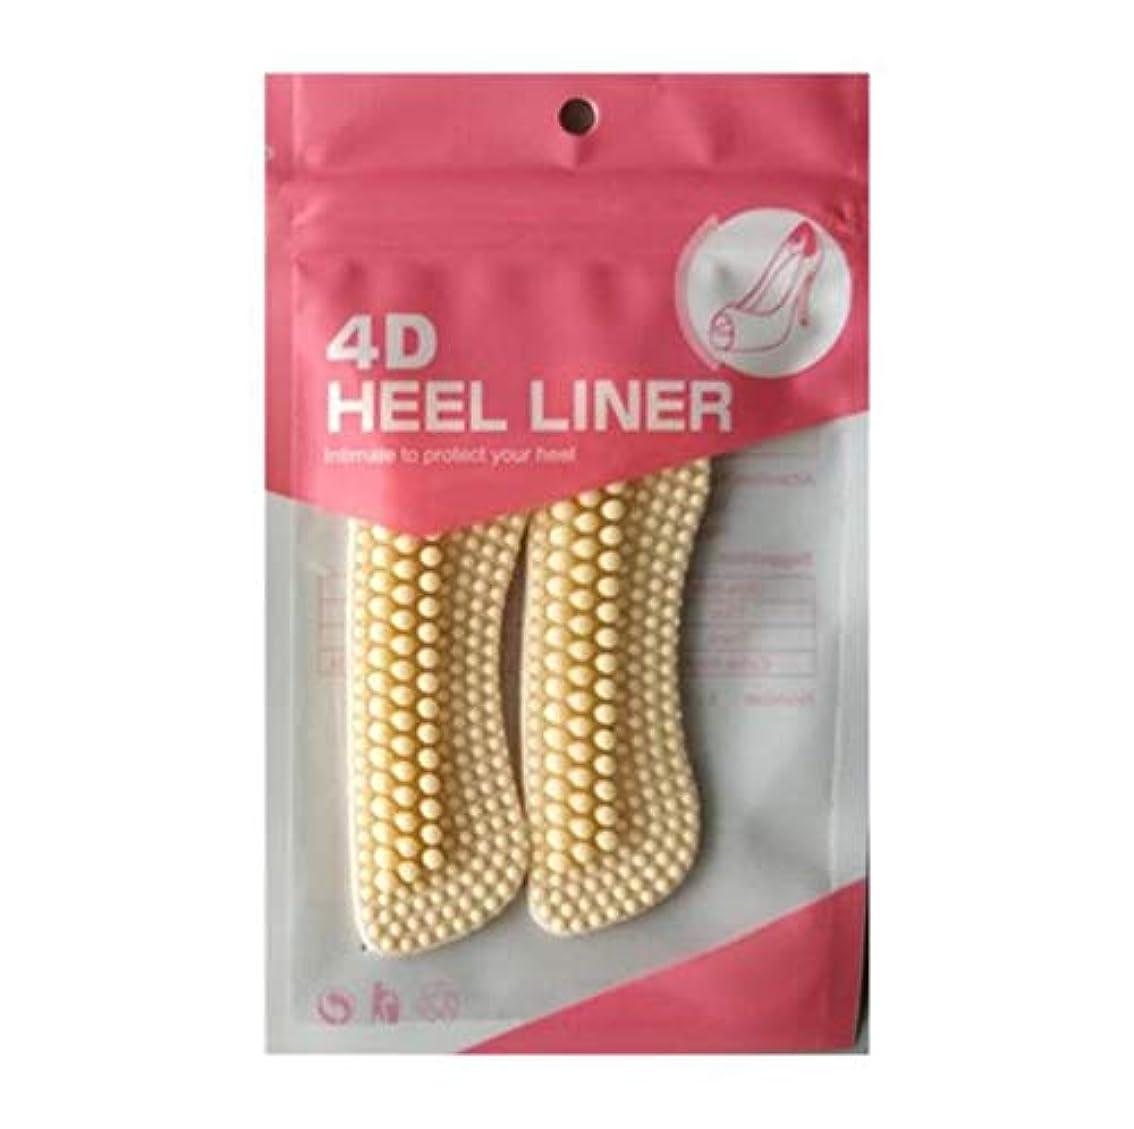 あまりにも郵便屋さんピクニックをするHJ 靴擦れ防止 ヒールパッド かかと用 かかとテープ クッション 靴ずれ防止 かかと保護パッド ベージュ (より厚いタイプ, 5足セット)